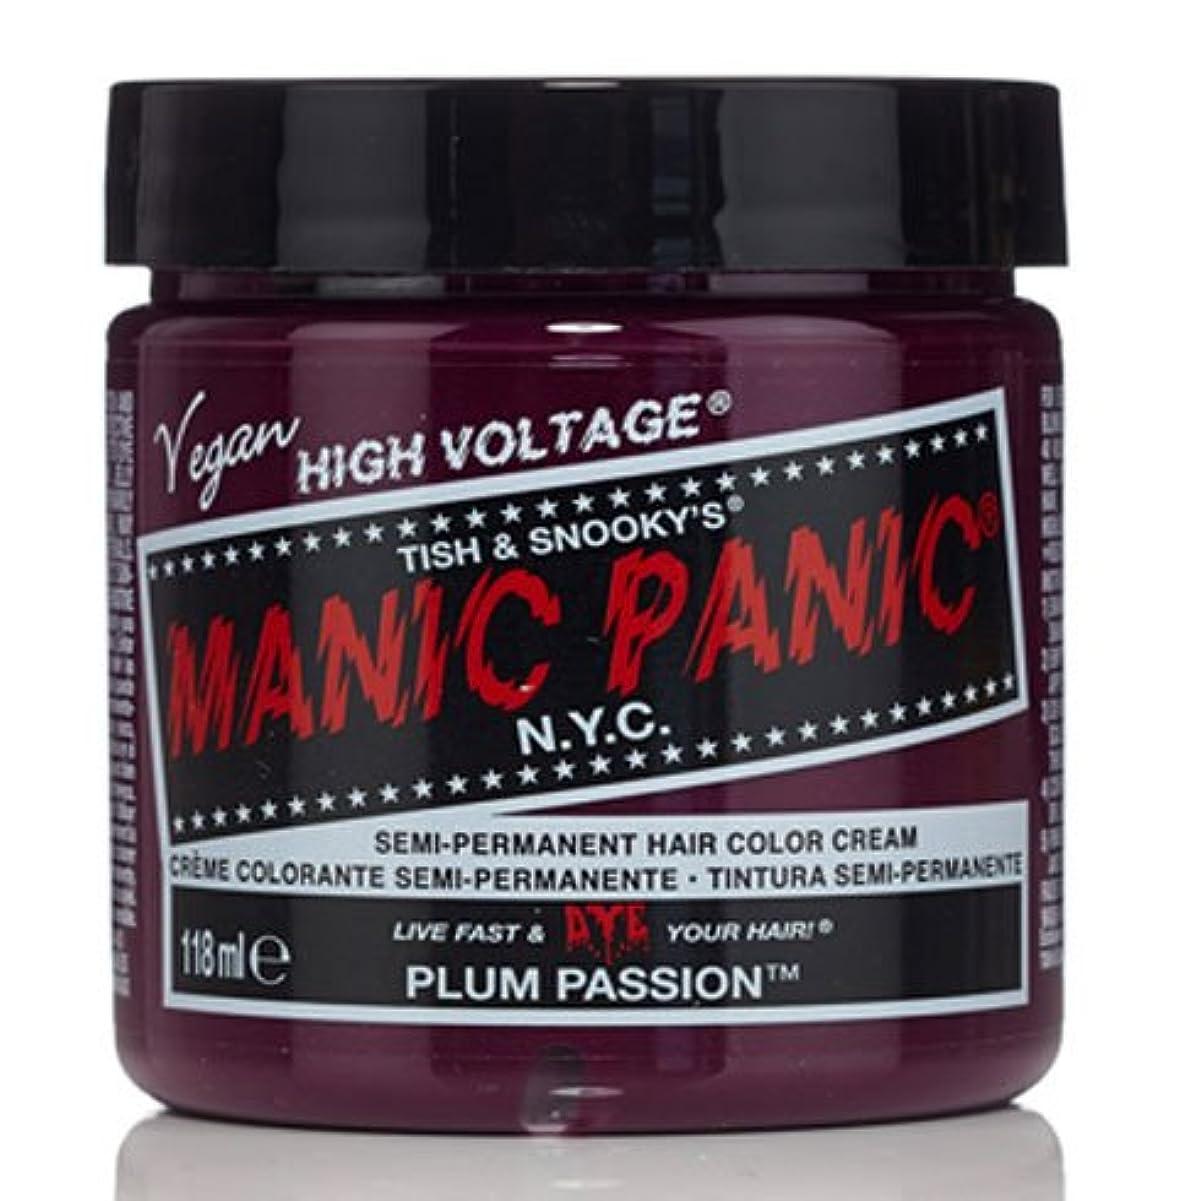 研究所ライター広範囲にスペシャルセットMANIC PANICマニックパニック:PLUM PASSION (プラムパッション)+ヘアカラーケア4点セット